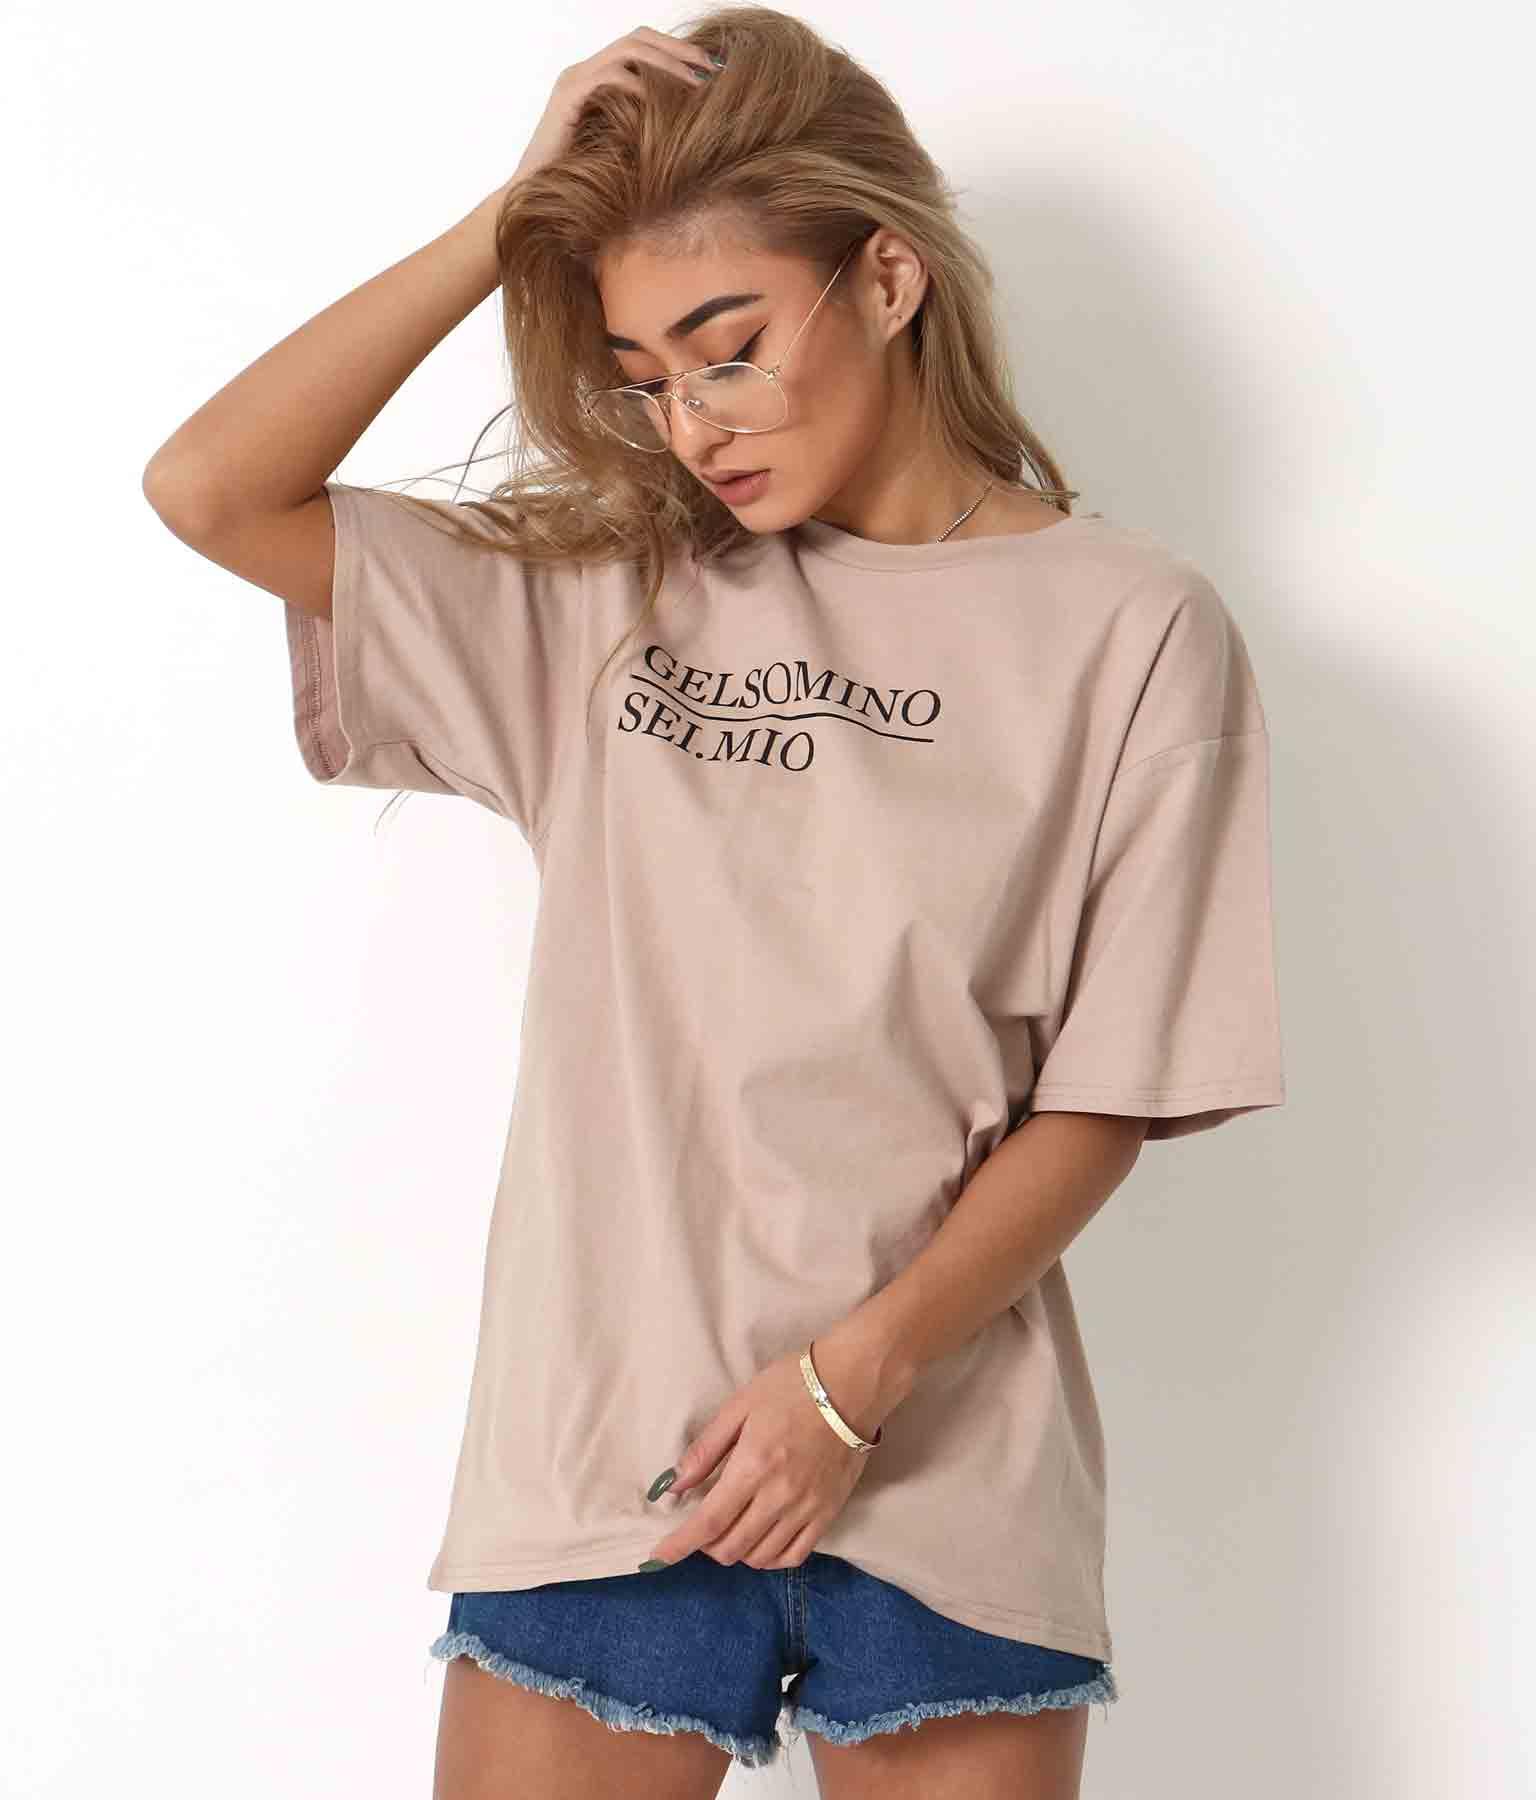 メッセージプリントビッグTシャツ